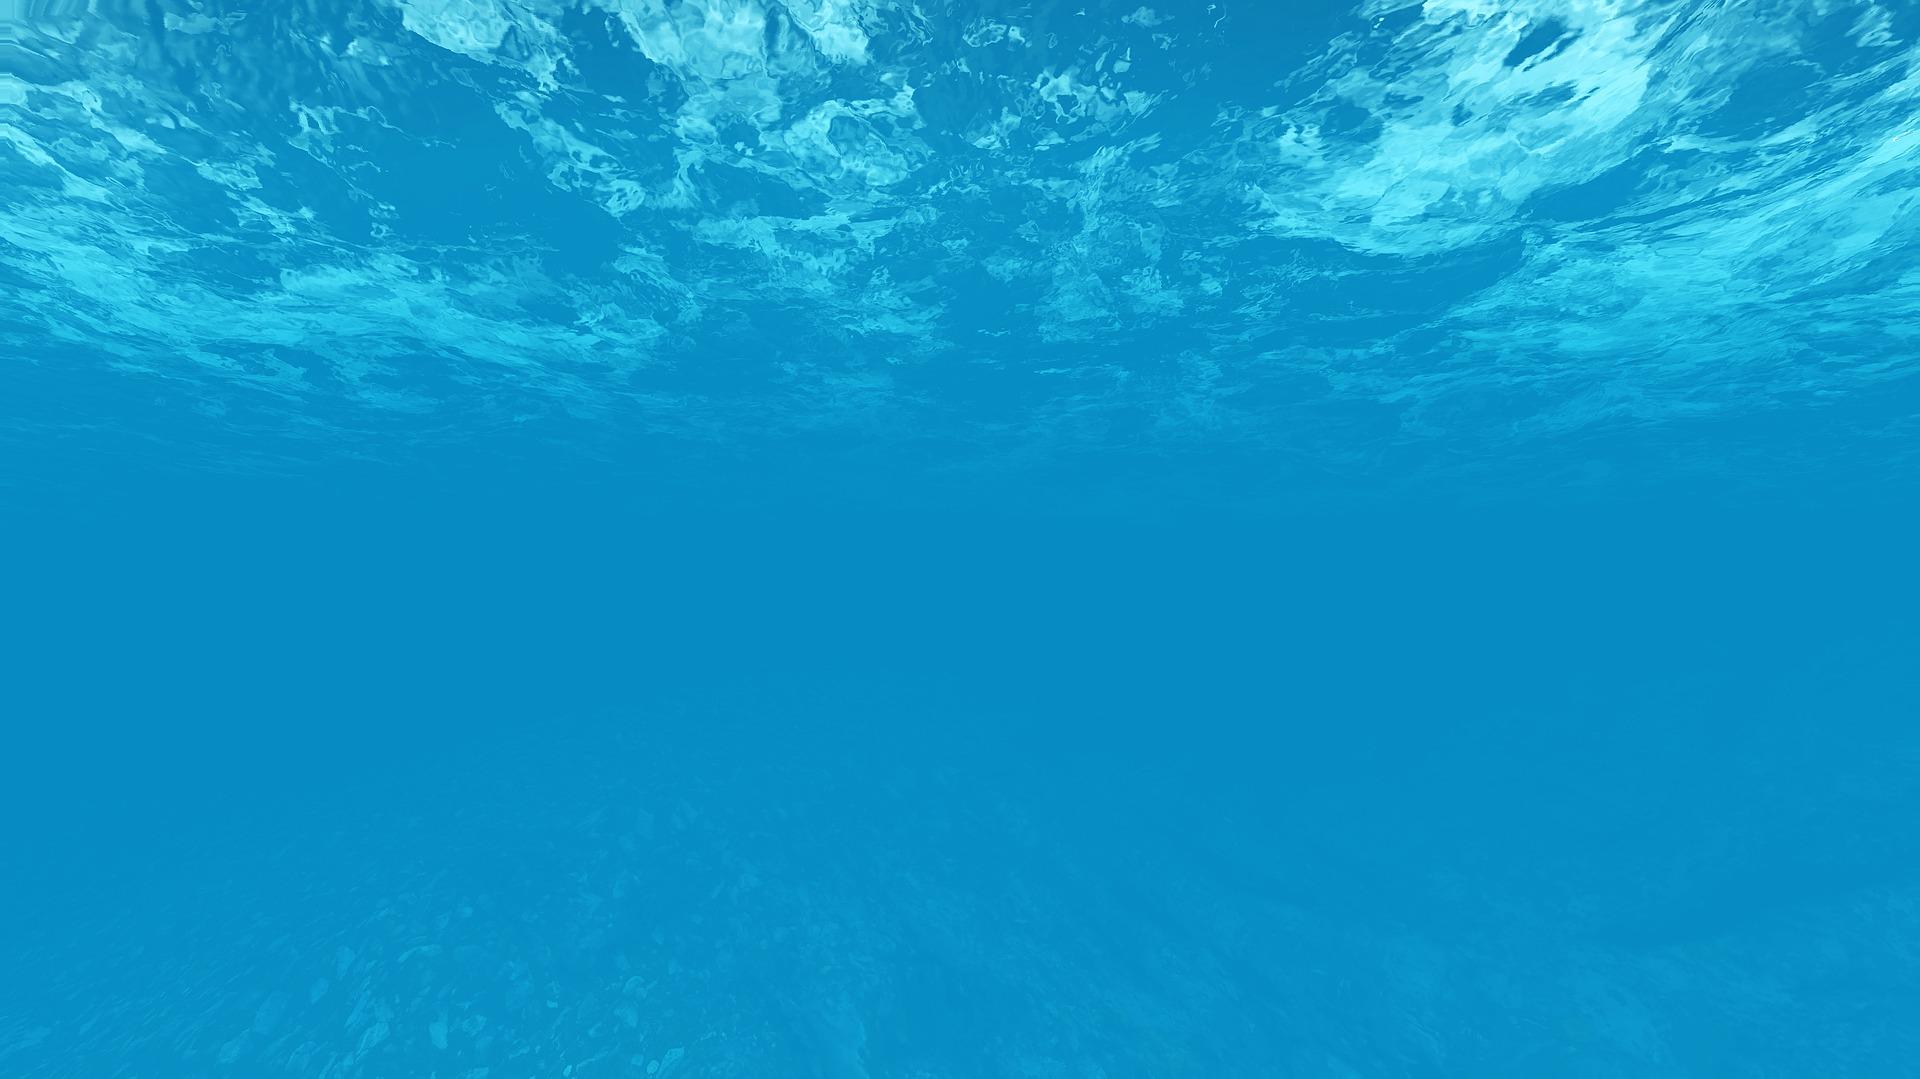 Blå bakgrundsbild, hav.